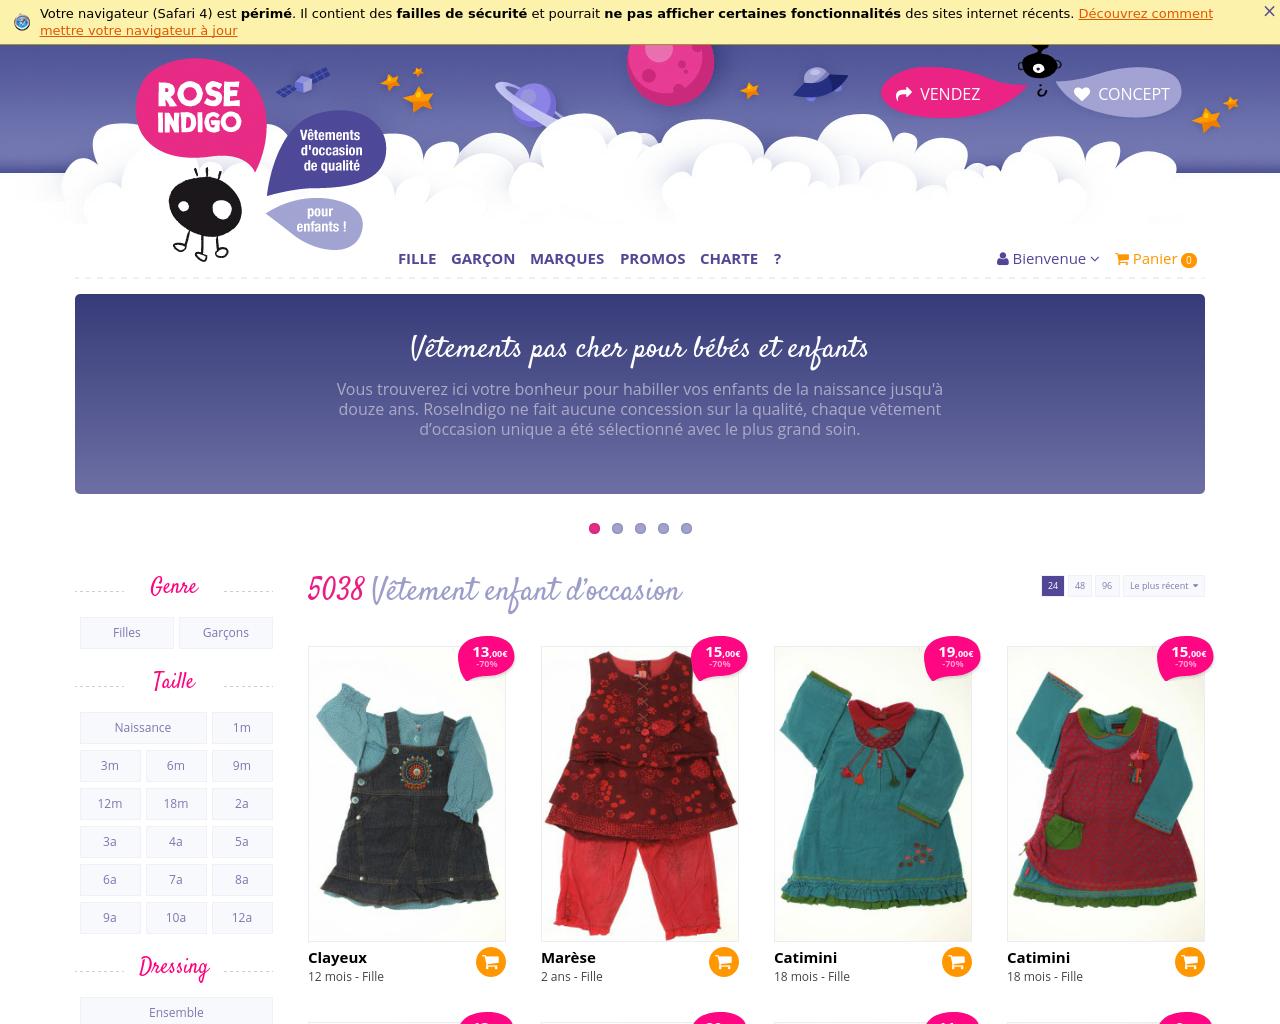 Vêtements d'occasion pour les enfants : Des achats malins et économiques